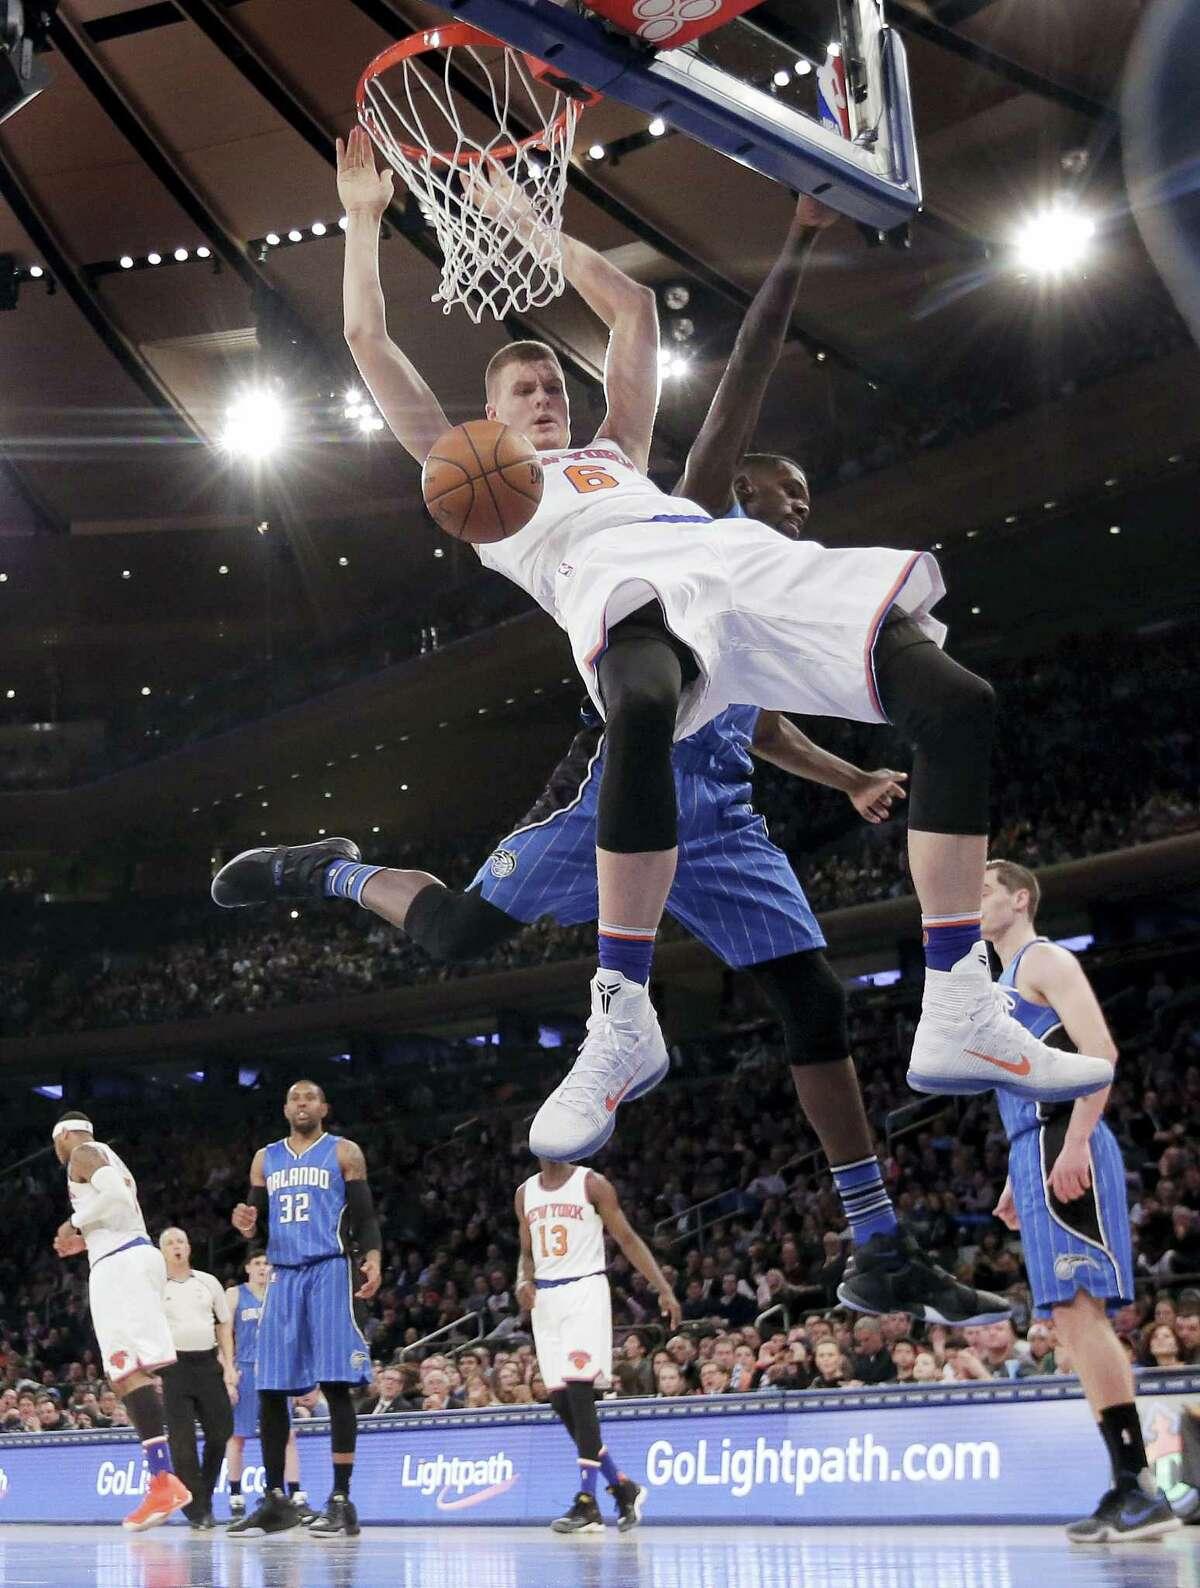 Knicks forward Kristaps Porzingis dunks against Magic center Dewayne Dedmon during the fourth quarter on Friday.